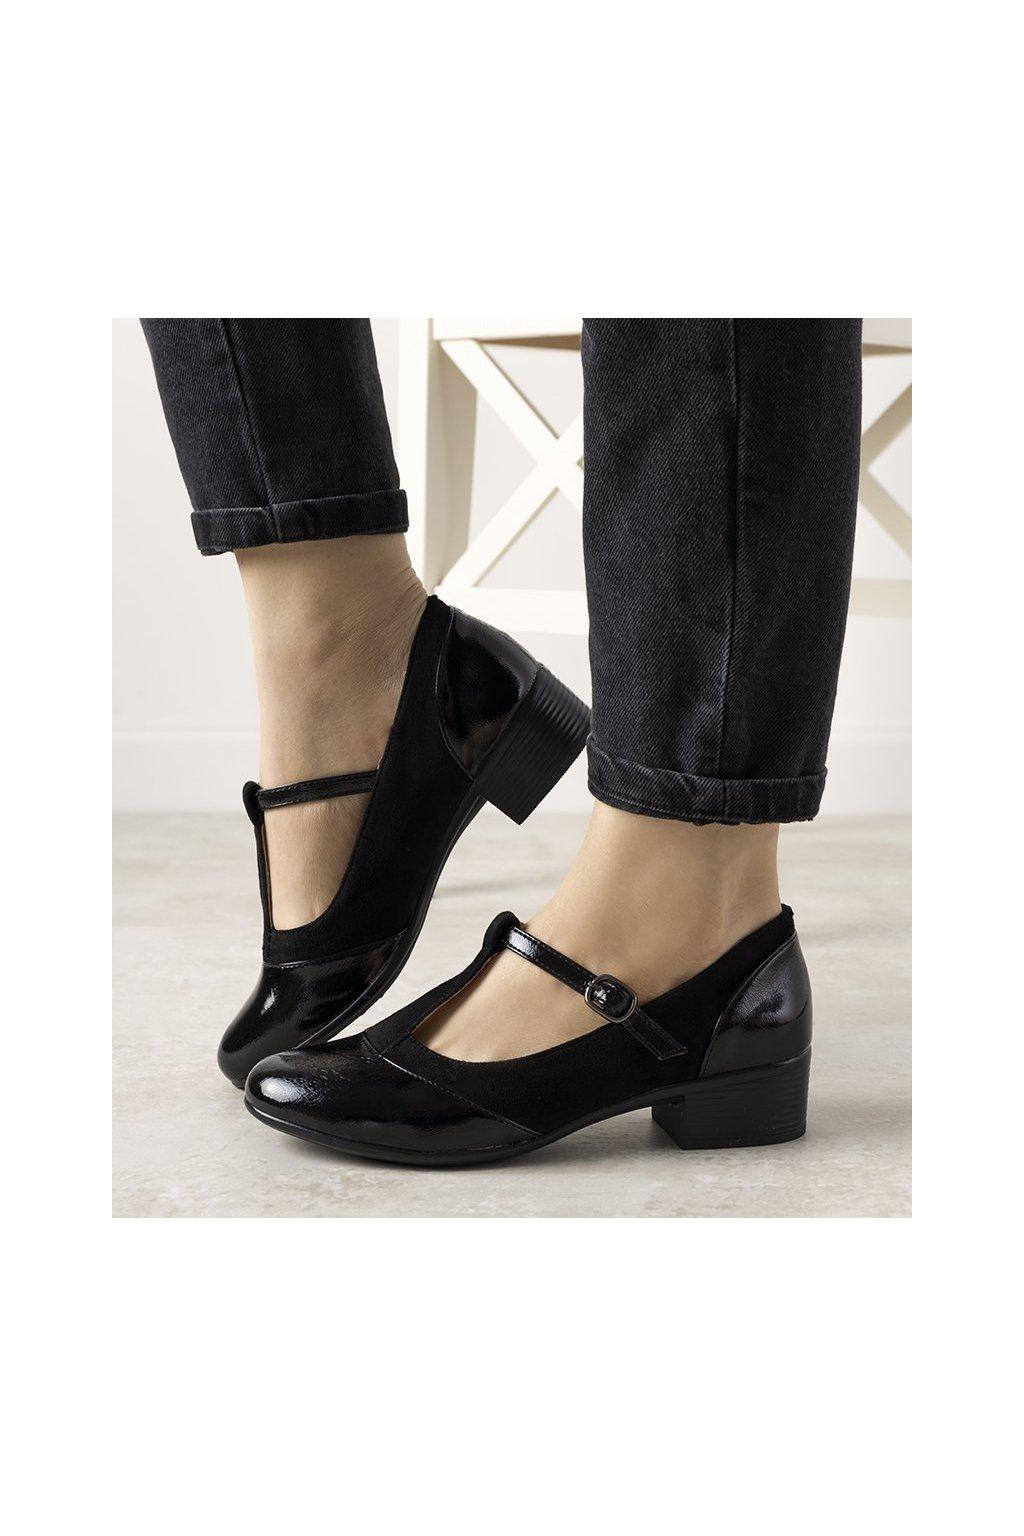 Dámske topánky lodičky čierne kód L2039-1 - GM